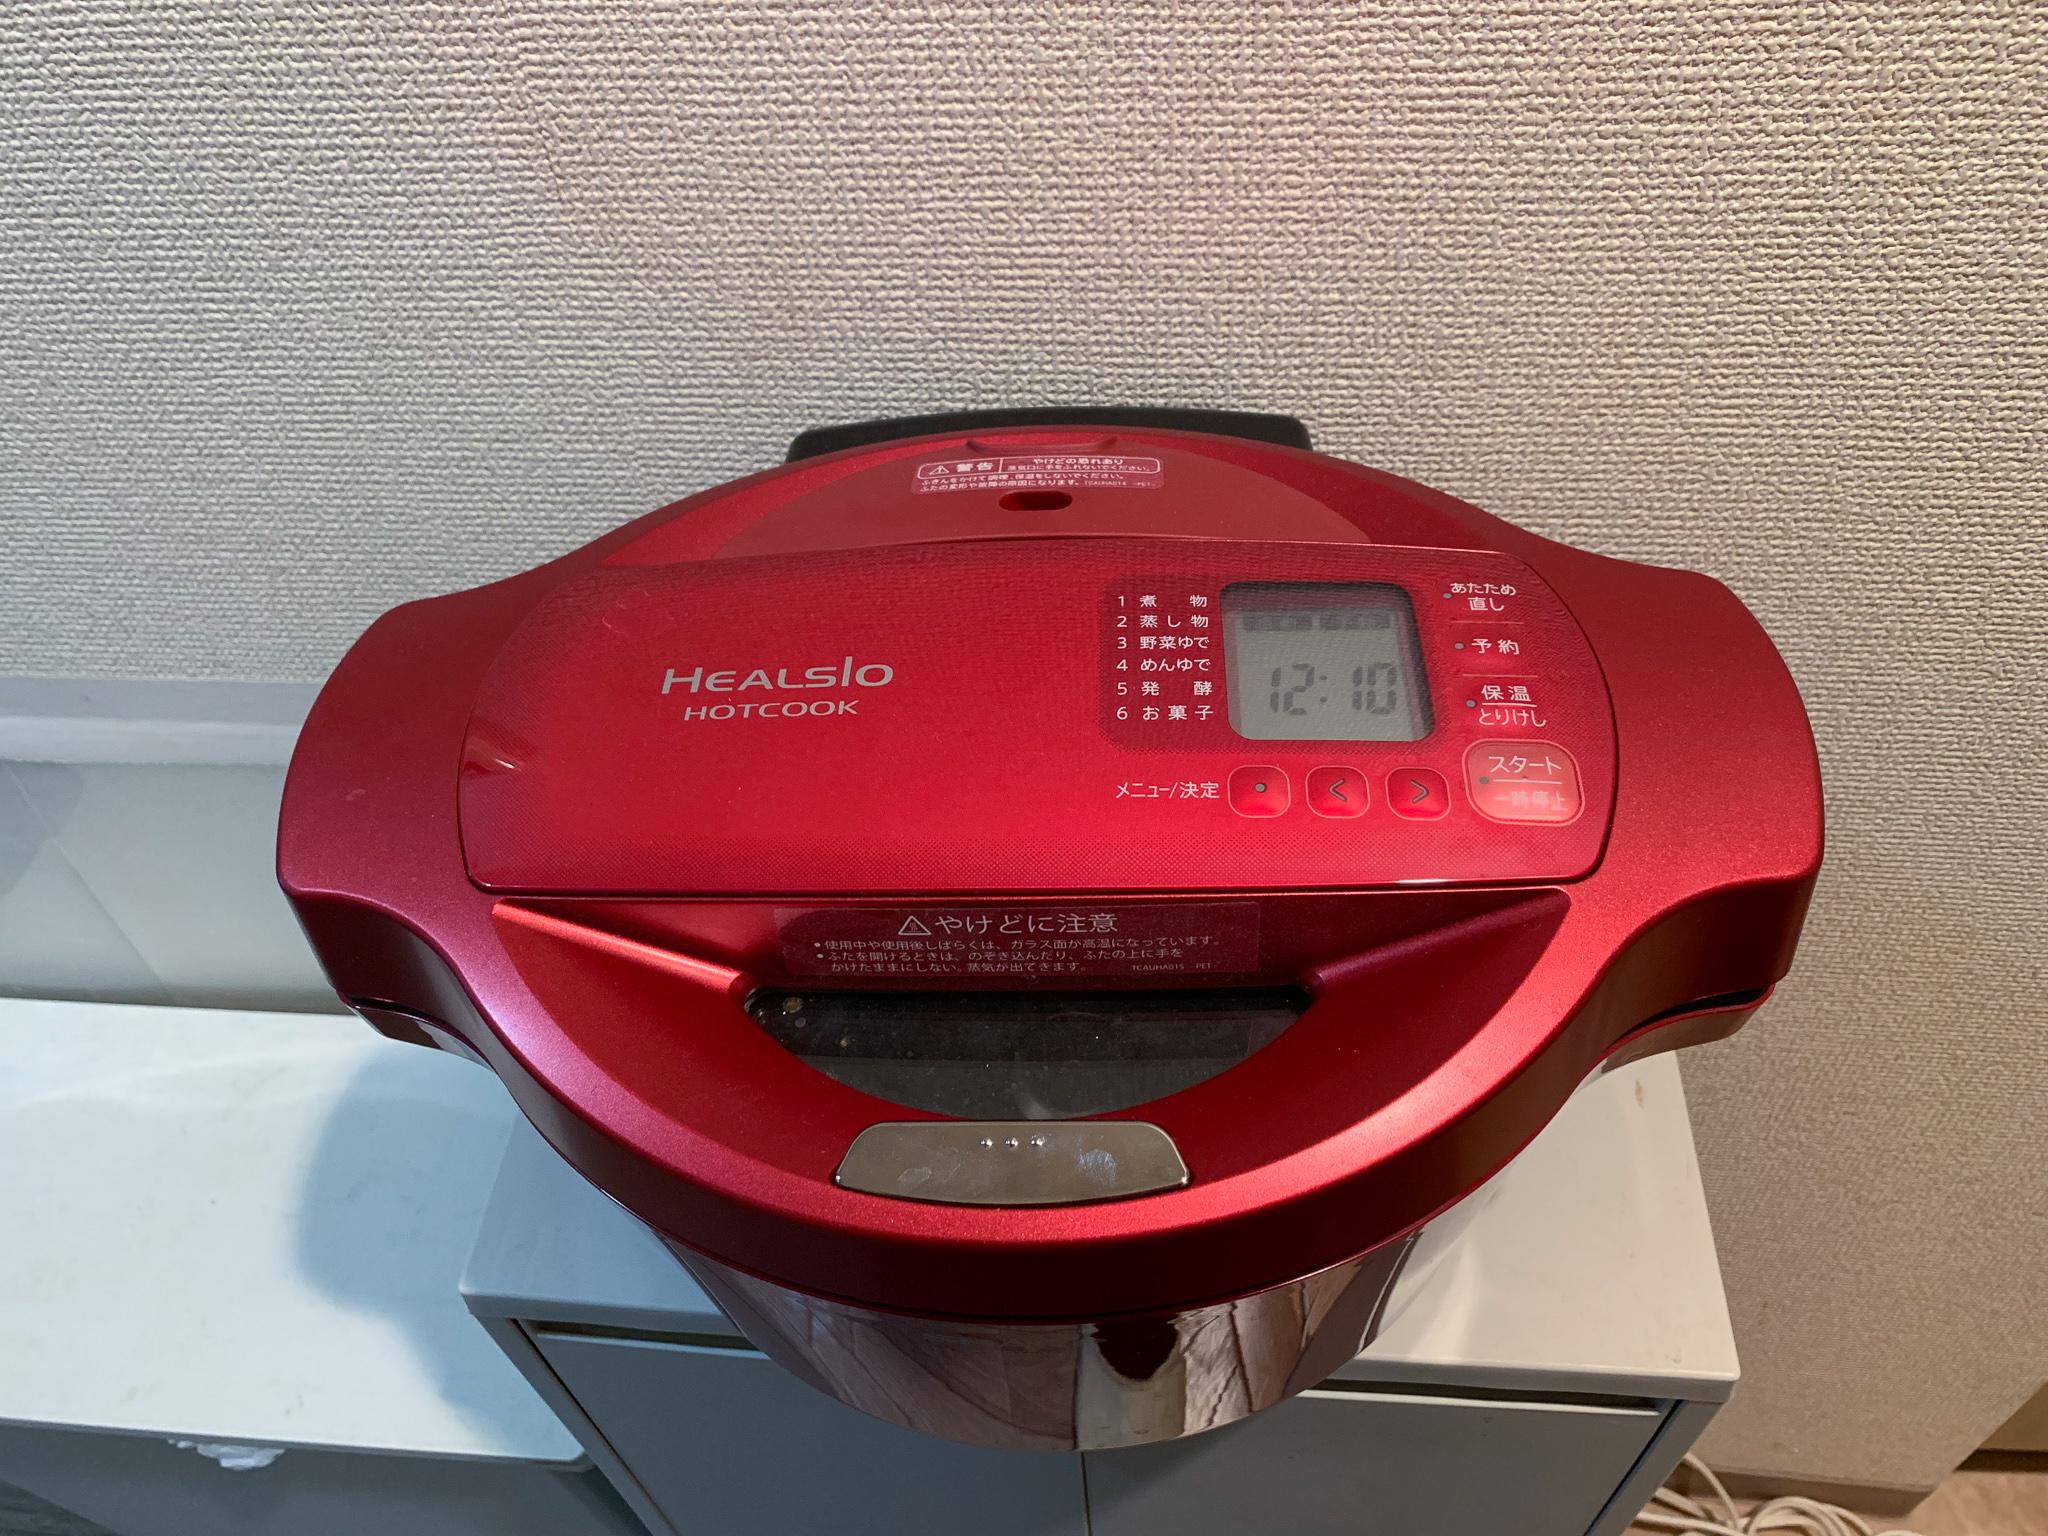 自動調理器ヘルシオホットクック